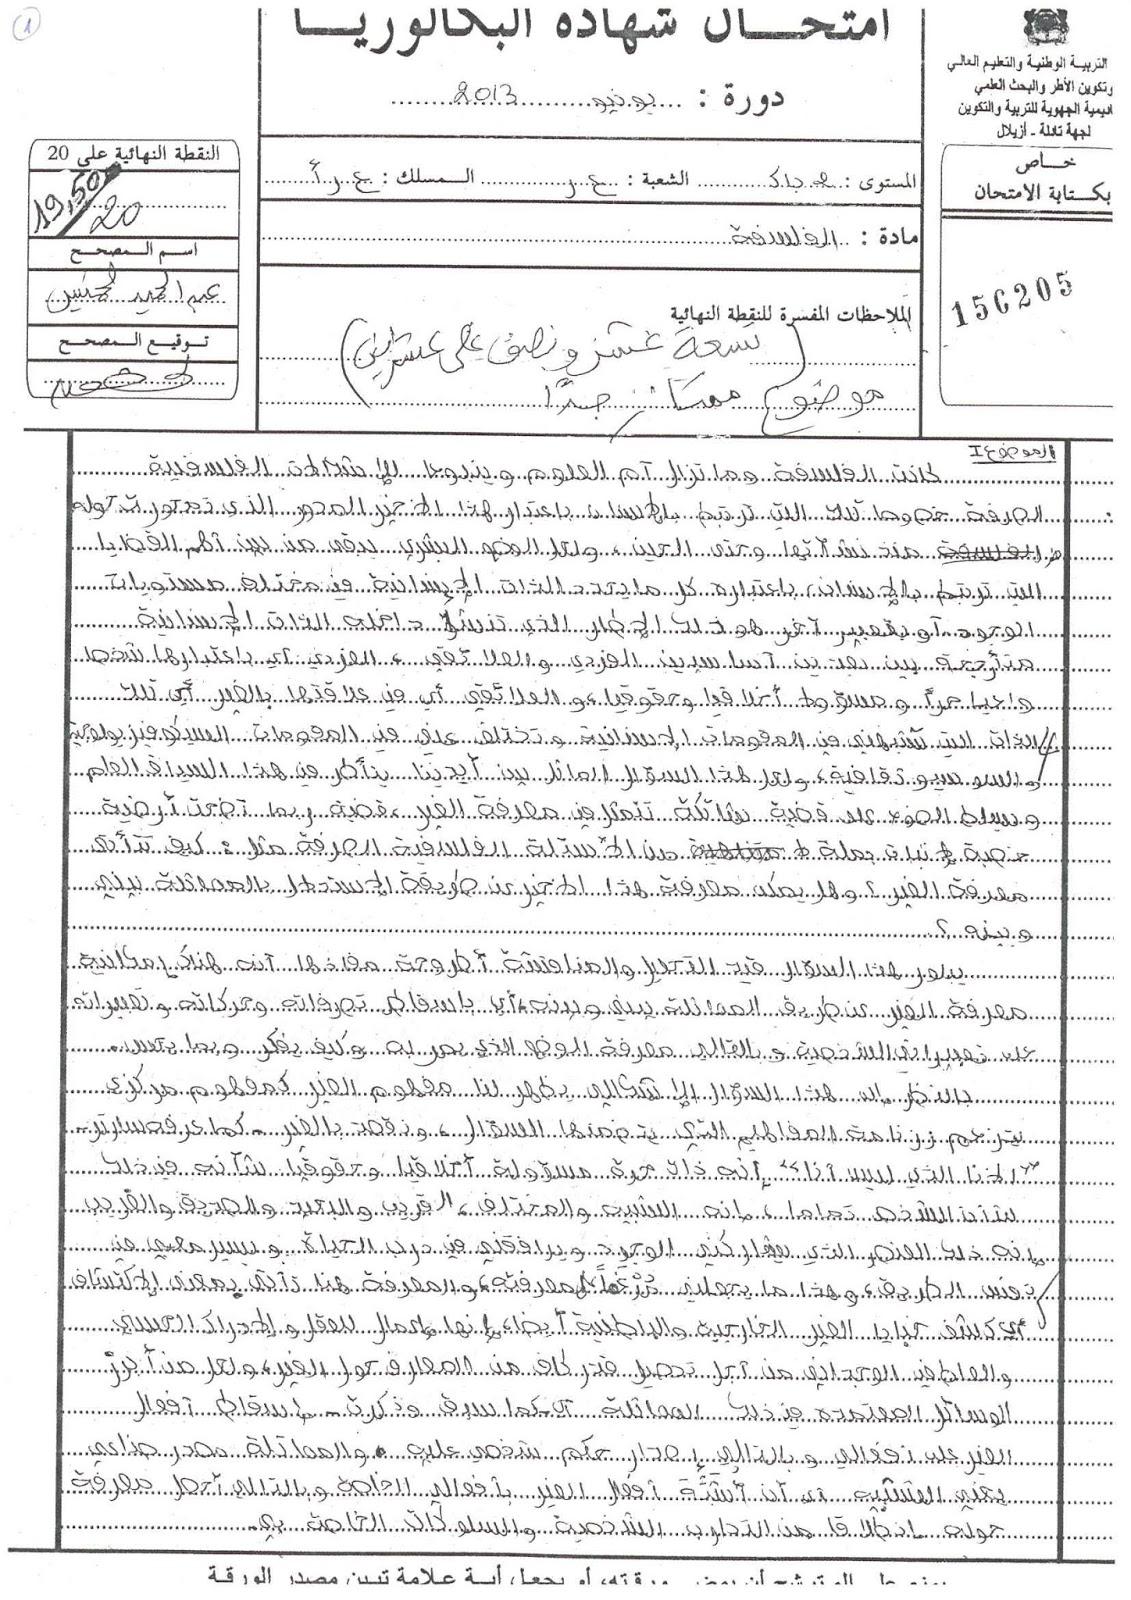 الإنجاز النموذجي (19.50/20)؛ الامتحان الوطني الموحد للباكالوريا، الفلسفة، مسلك العلوم، الرياضيات -أ- 2013